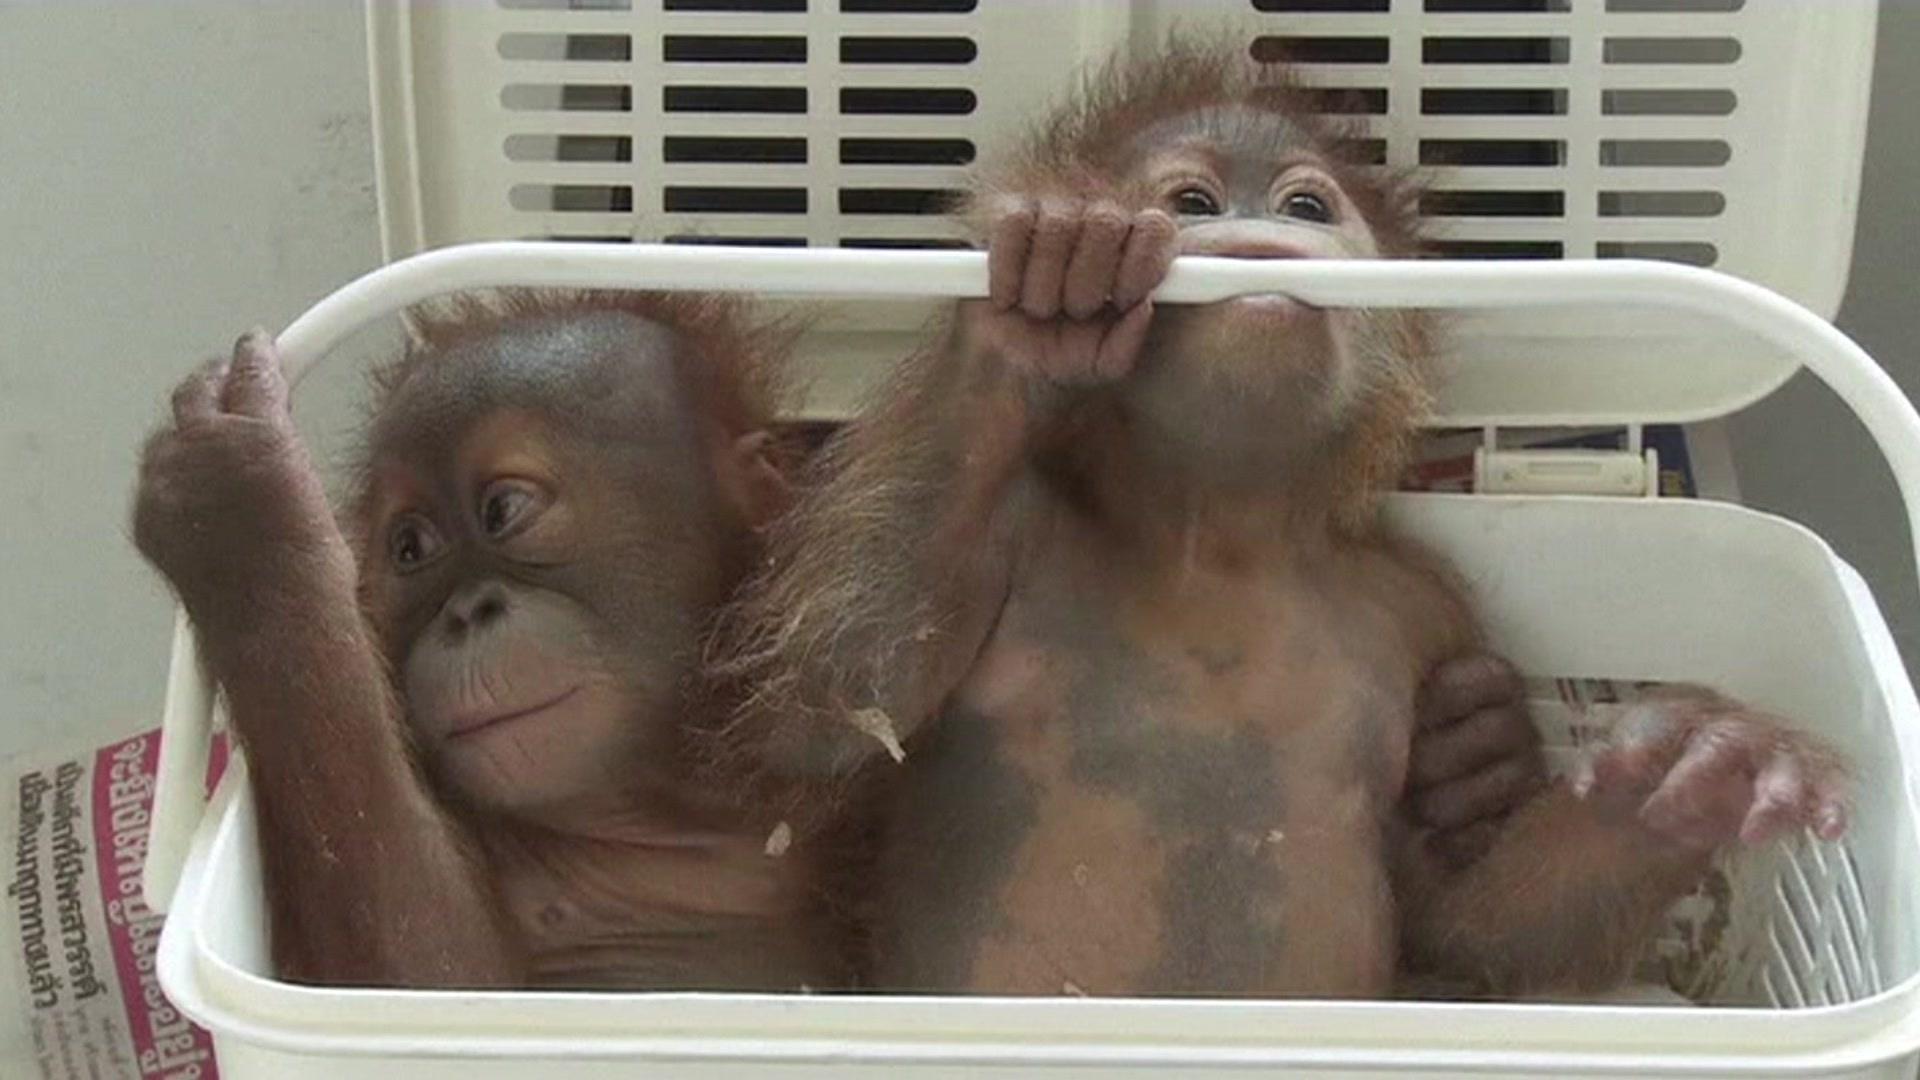 Destino de orangotangos sera venda na internet